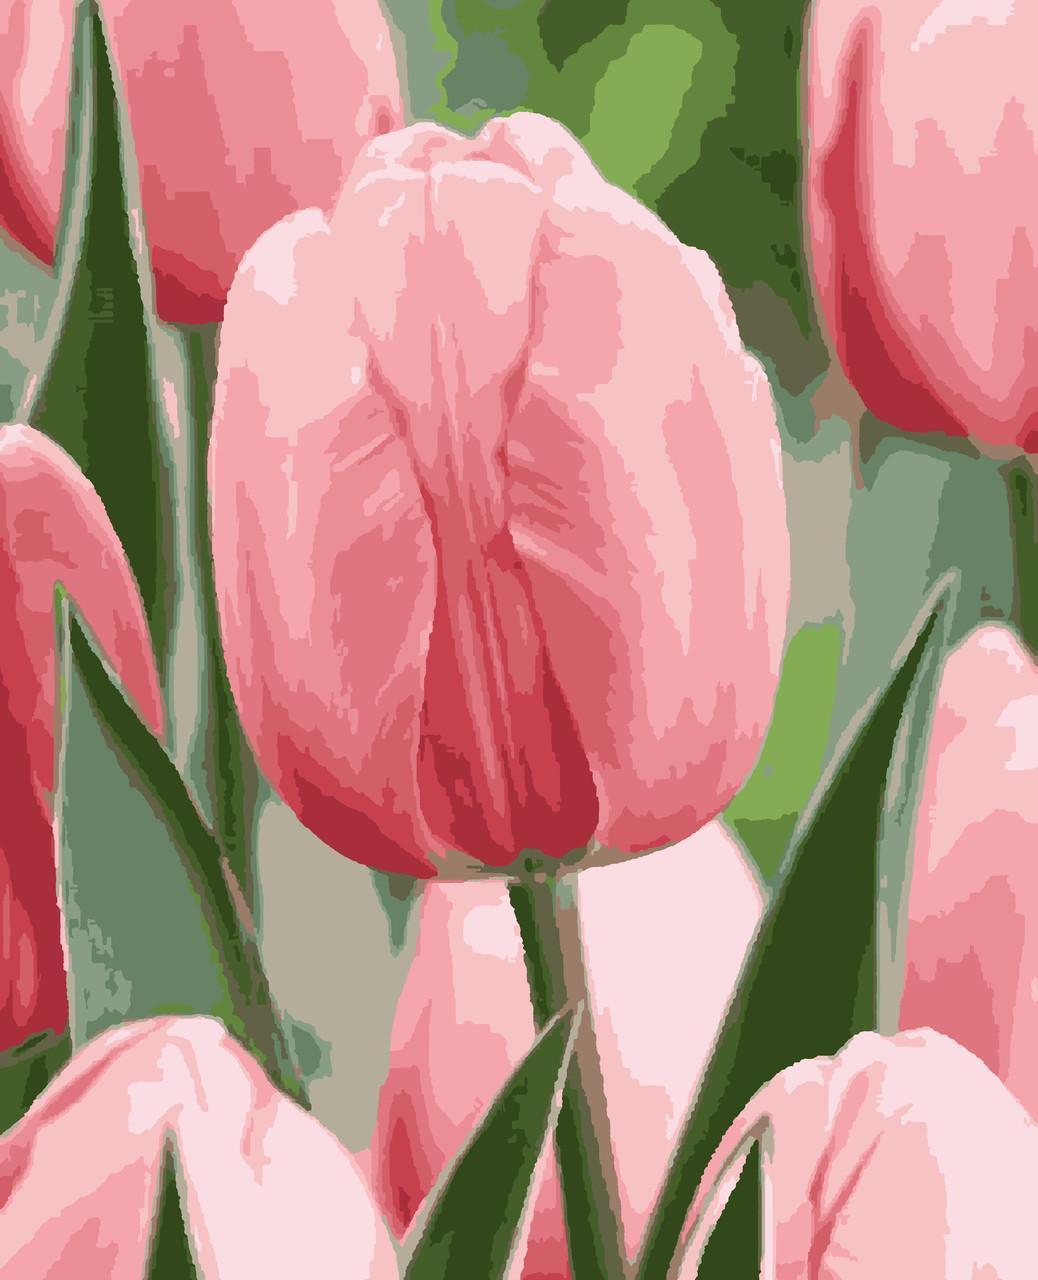 Картина рисование по номерам Ніжна весна PNX1960 Artissimo 50х60см розпис за номерами набір, фарби, пензлі,